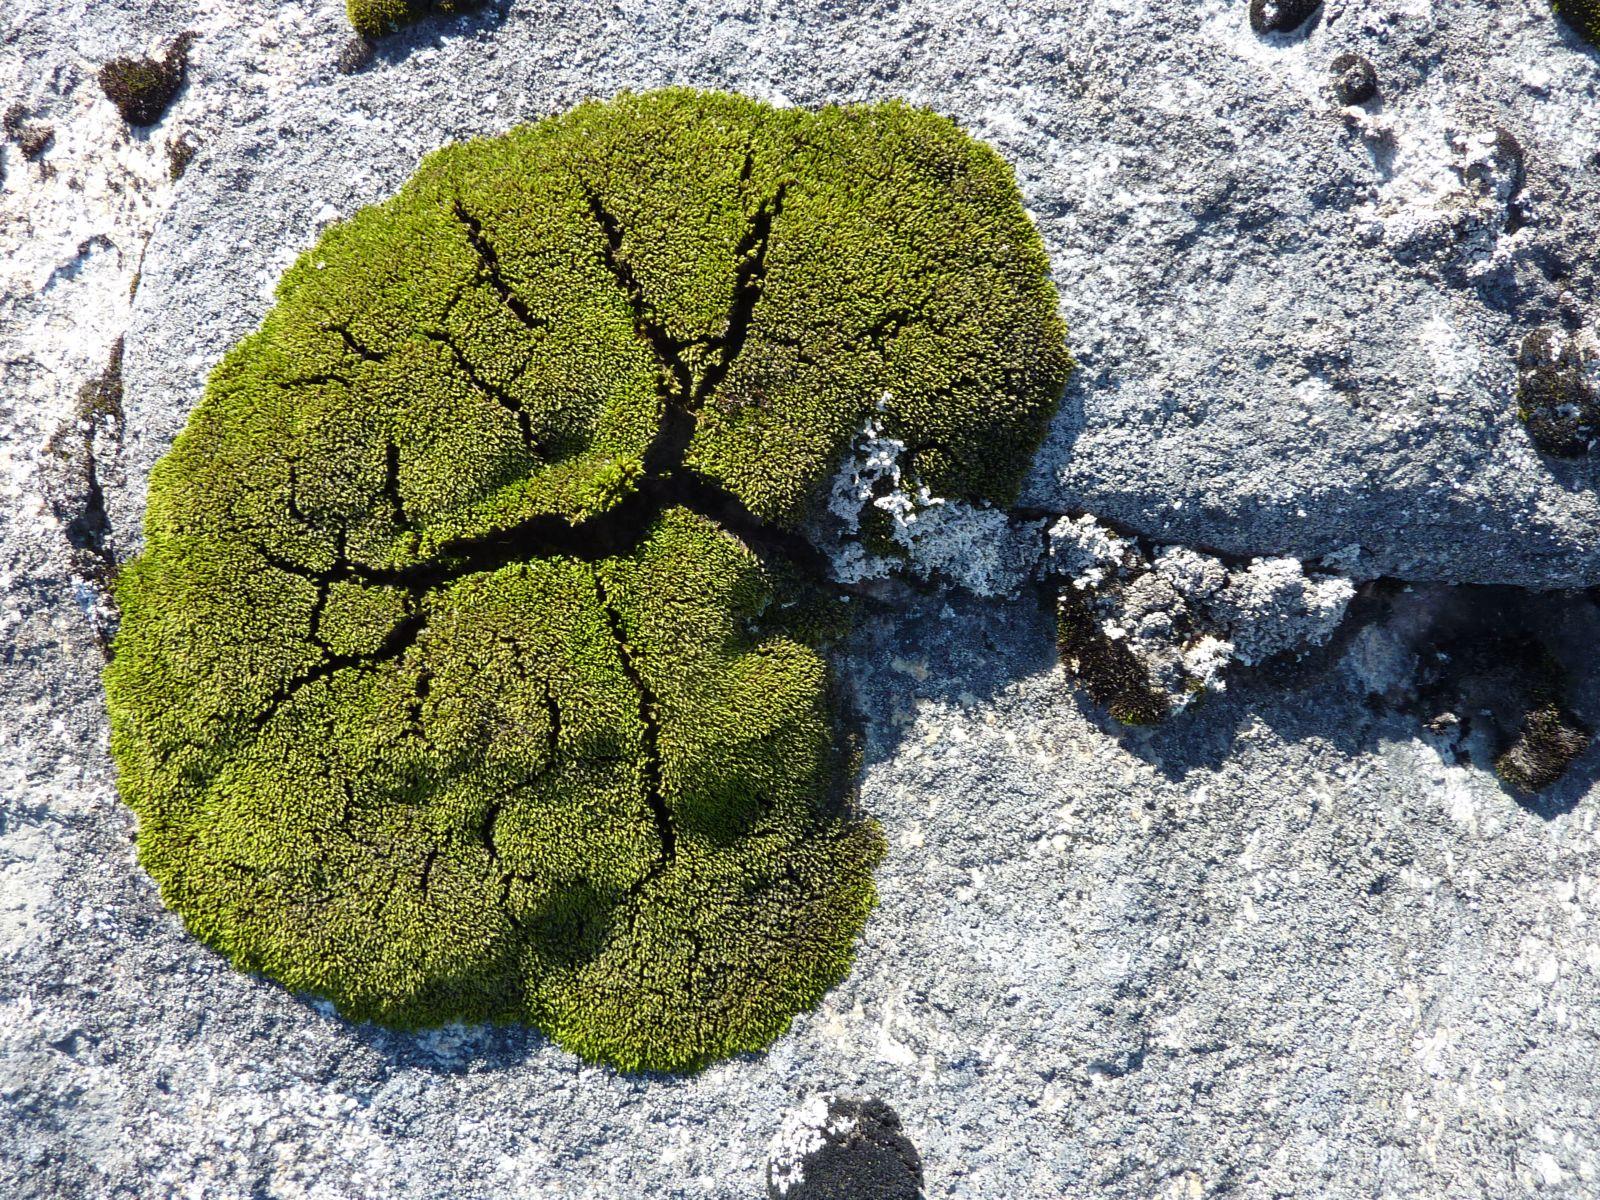 2010-09-09-1437_-_Vegetation